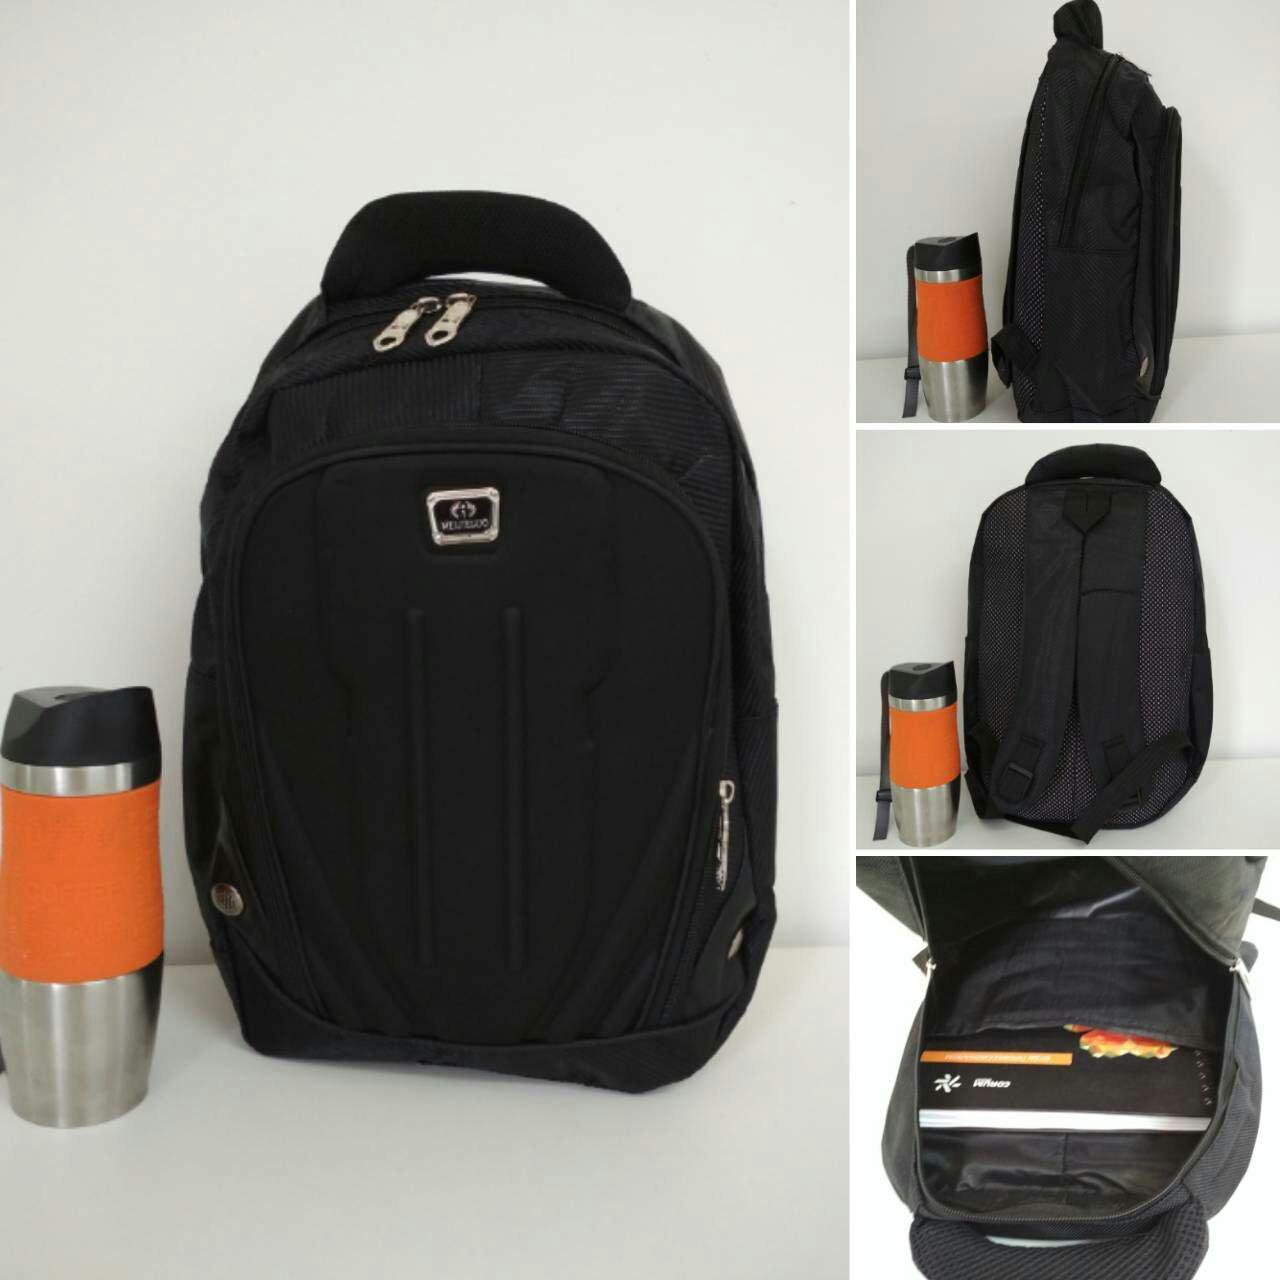 bdf425ad8ec5 Стильный повседневный рюкзак с заклепками - Цена 230 грн. Купить ...